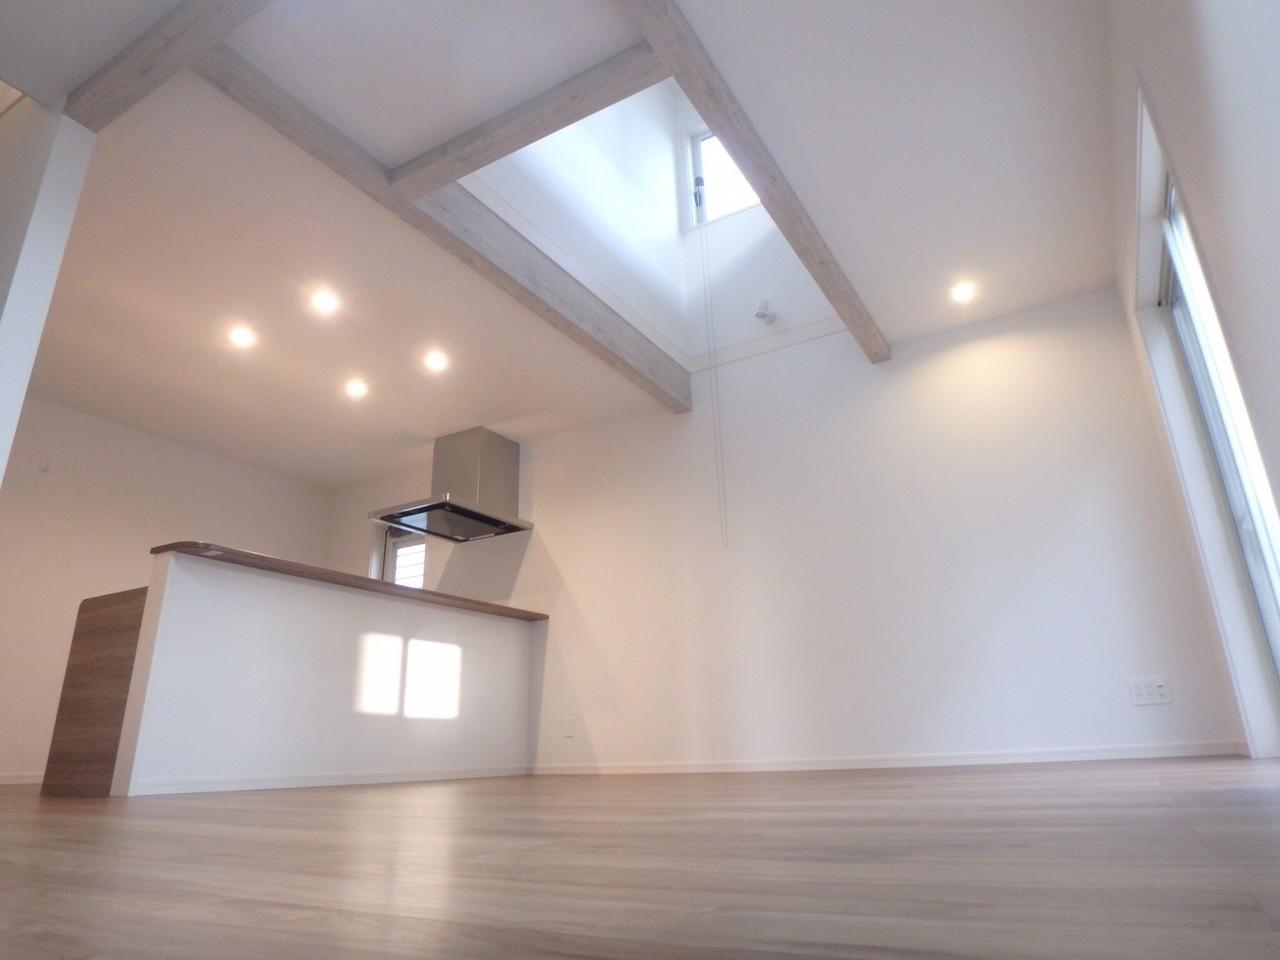 吹き抜けがありとても明るい室内です。